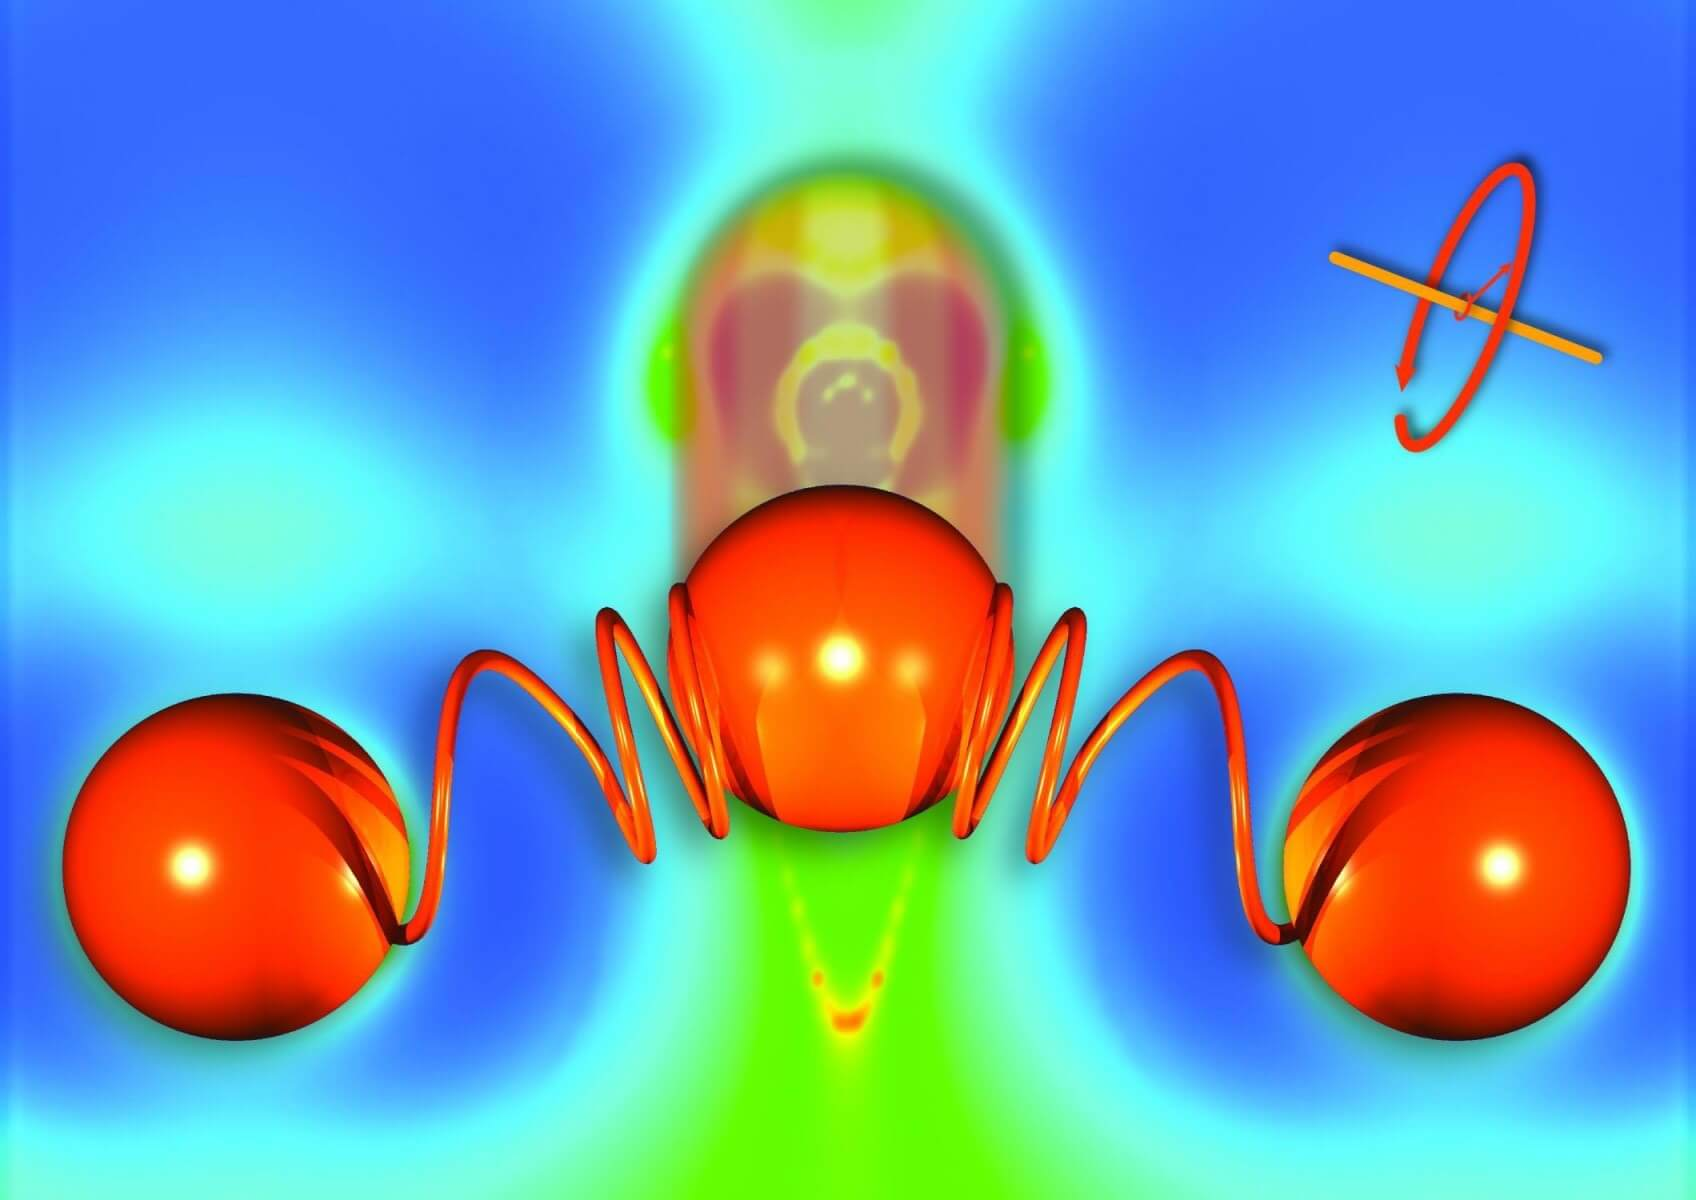 частицы звука тепла продемонстрировали магнитные свойства